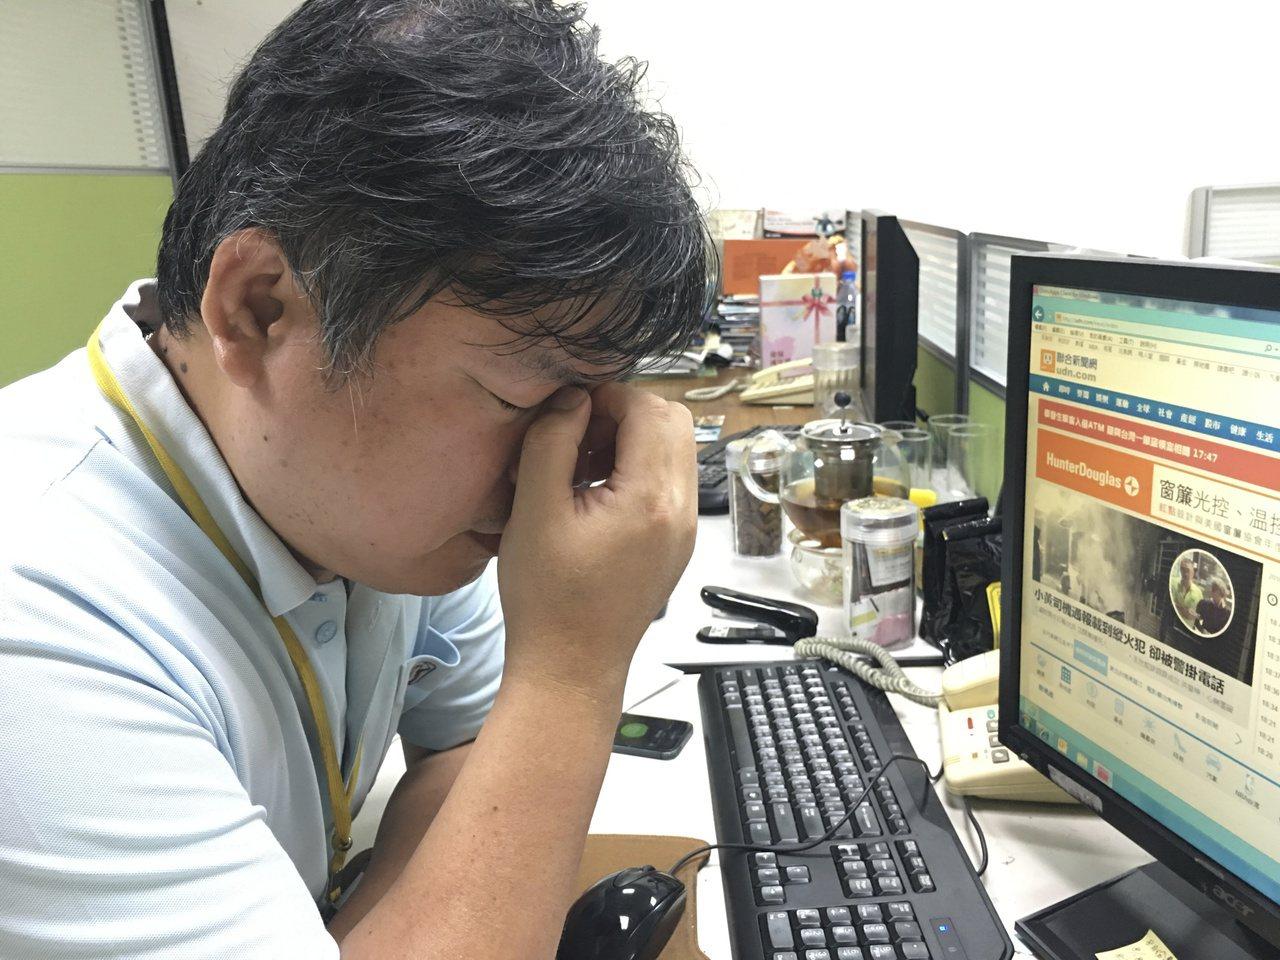 熬夜睡眠不足除了隔天上班上課精神不濟外,更可能引起嚴重的健康危害。記者江慧珺/攝...